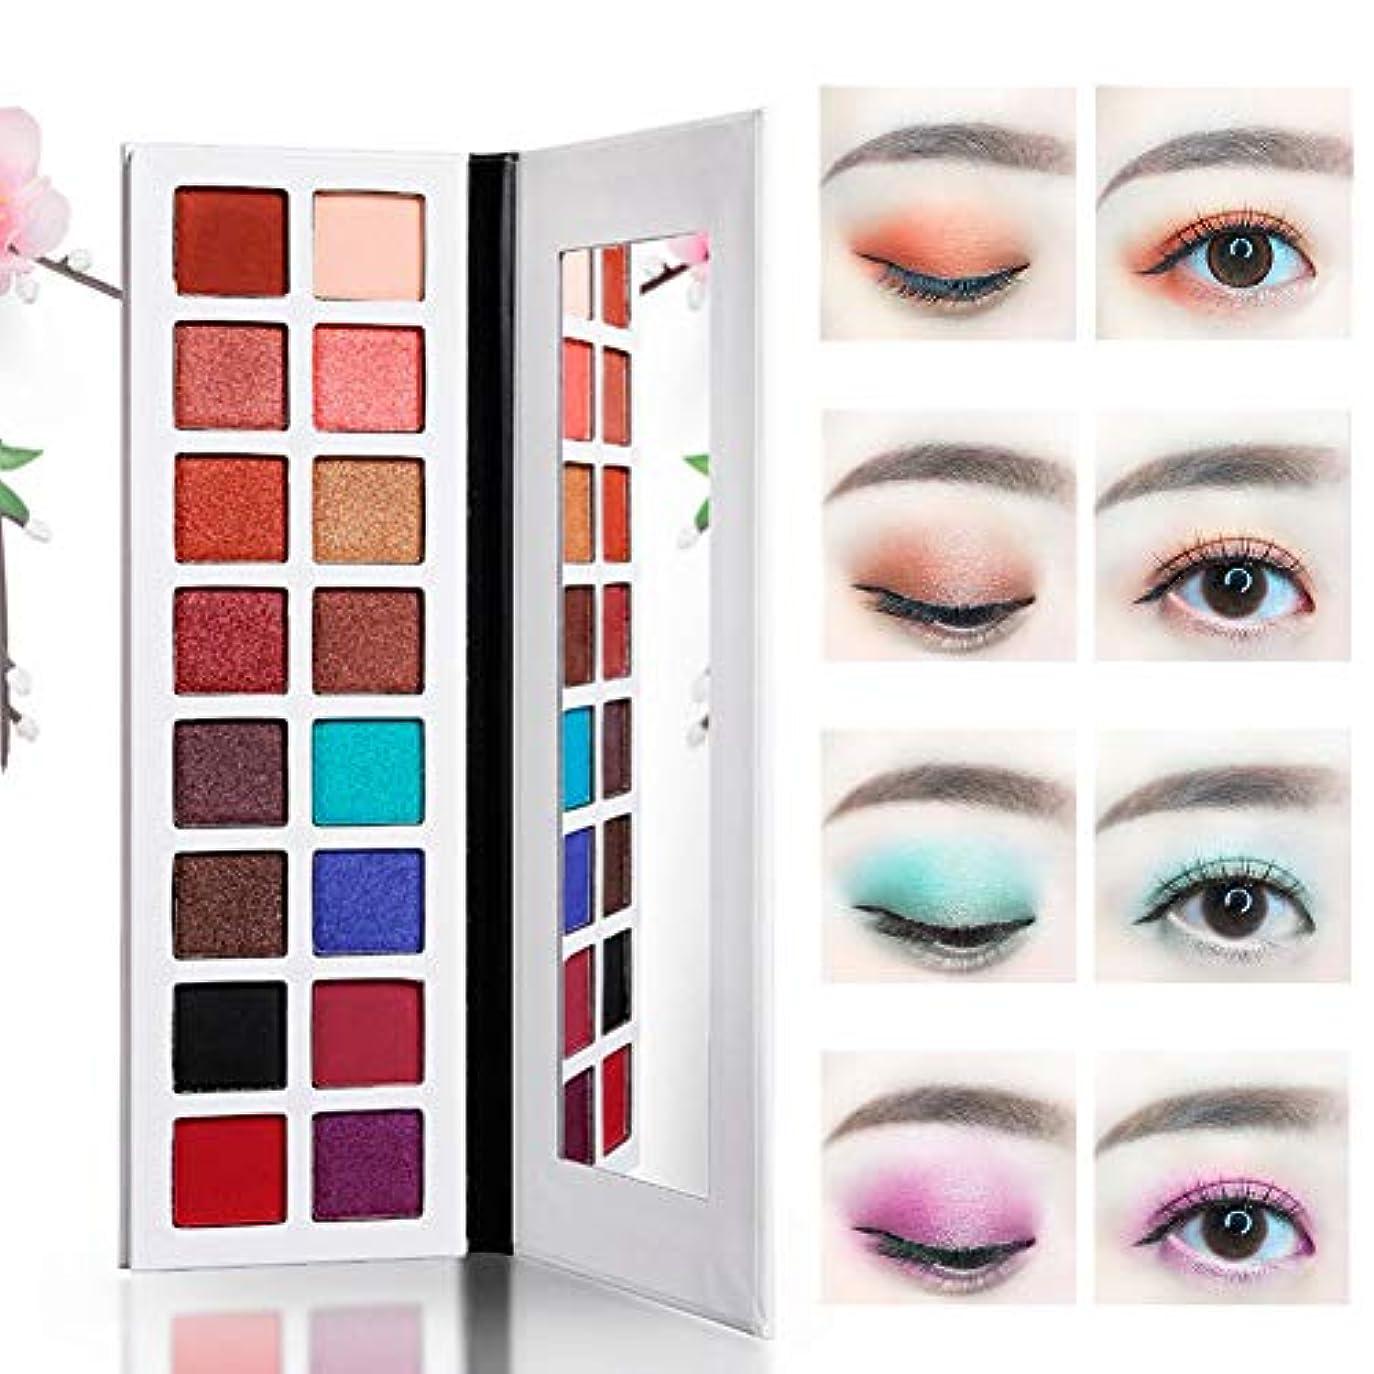 説明する人気の前兆Symboat Eyeshadow 16色 アイシャドウパレット長続きファッション 化粧品 女性用 ヌードメイク自然立体 高発色 初心者アイシャドウ激安 ラメ ラメ入り